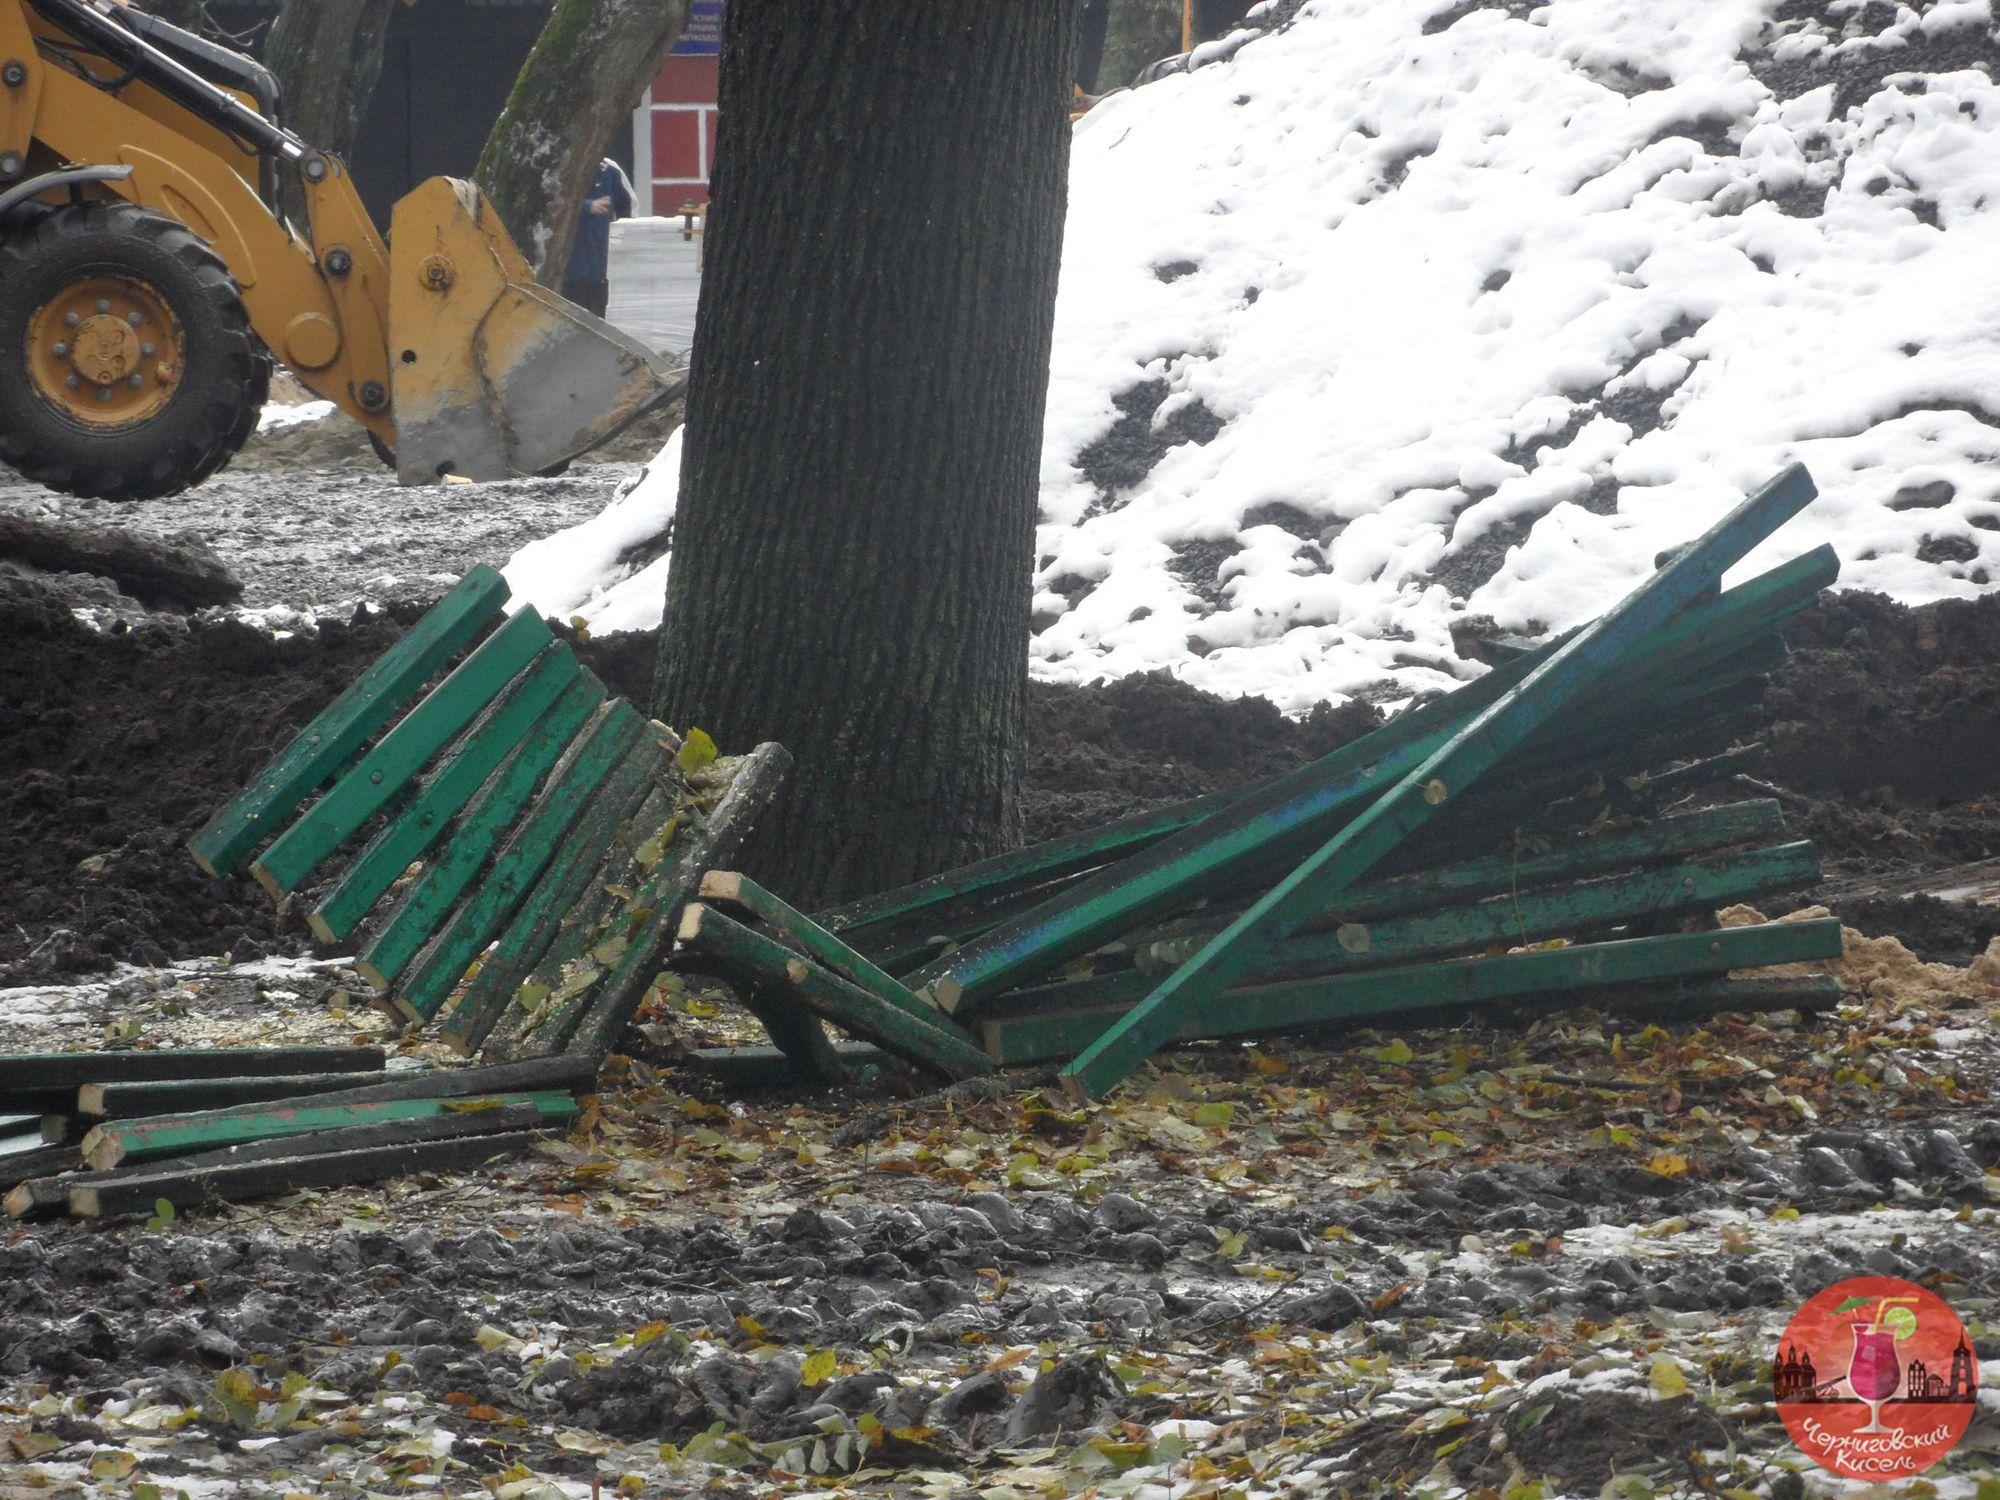 Реконструкція з присмаком вандалізму: у сквері Хмельницького трощать лавочки (Фото)